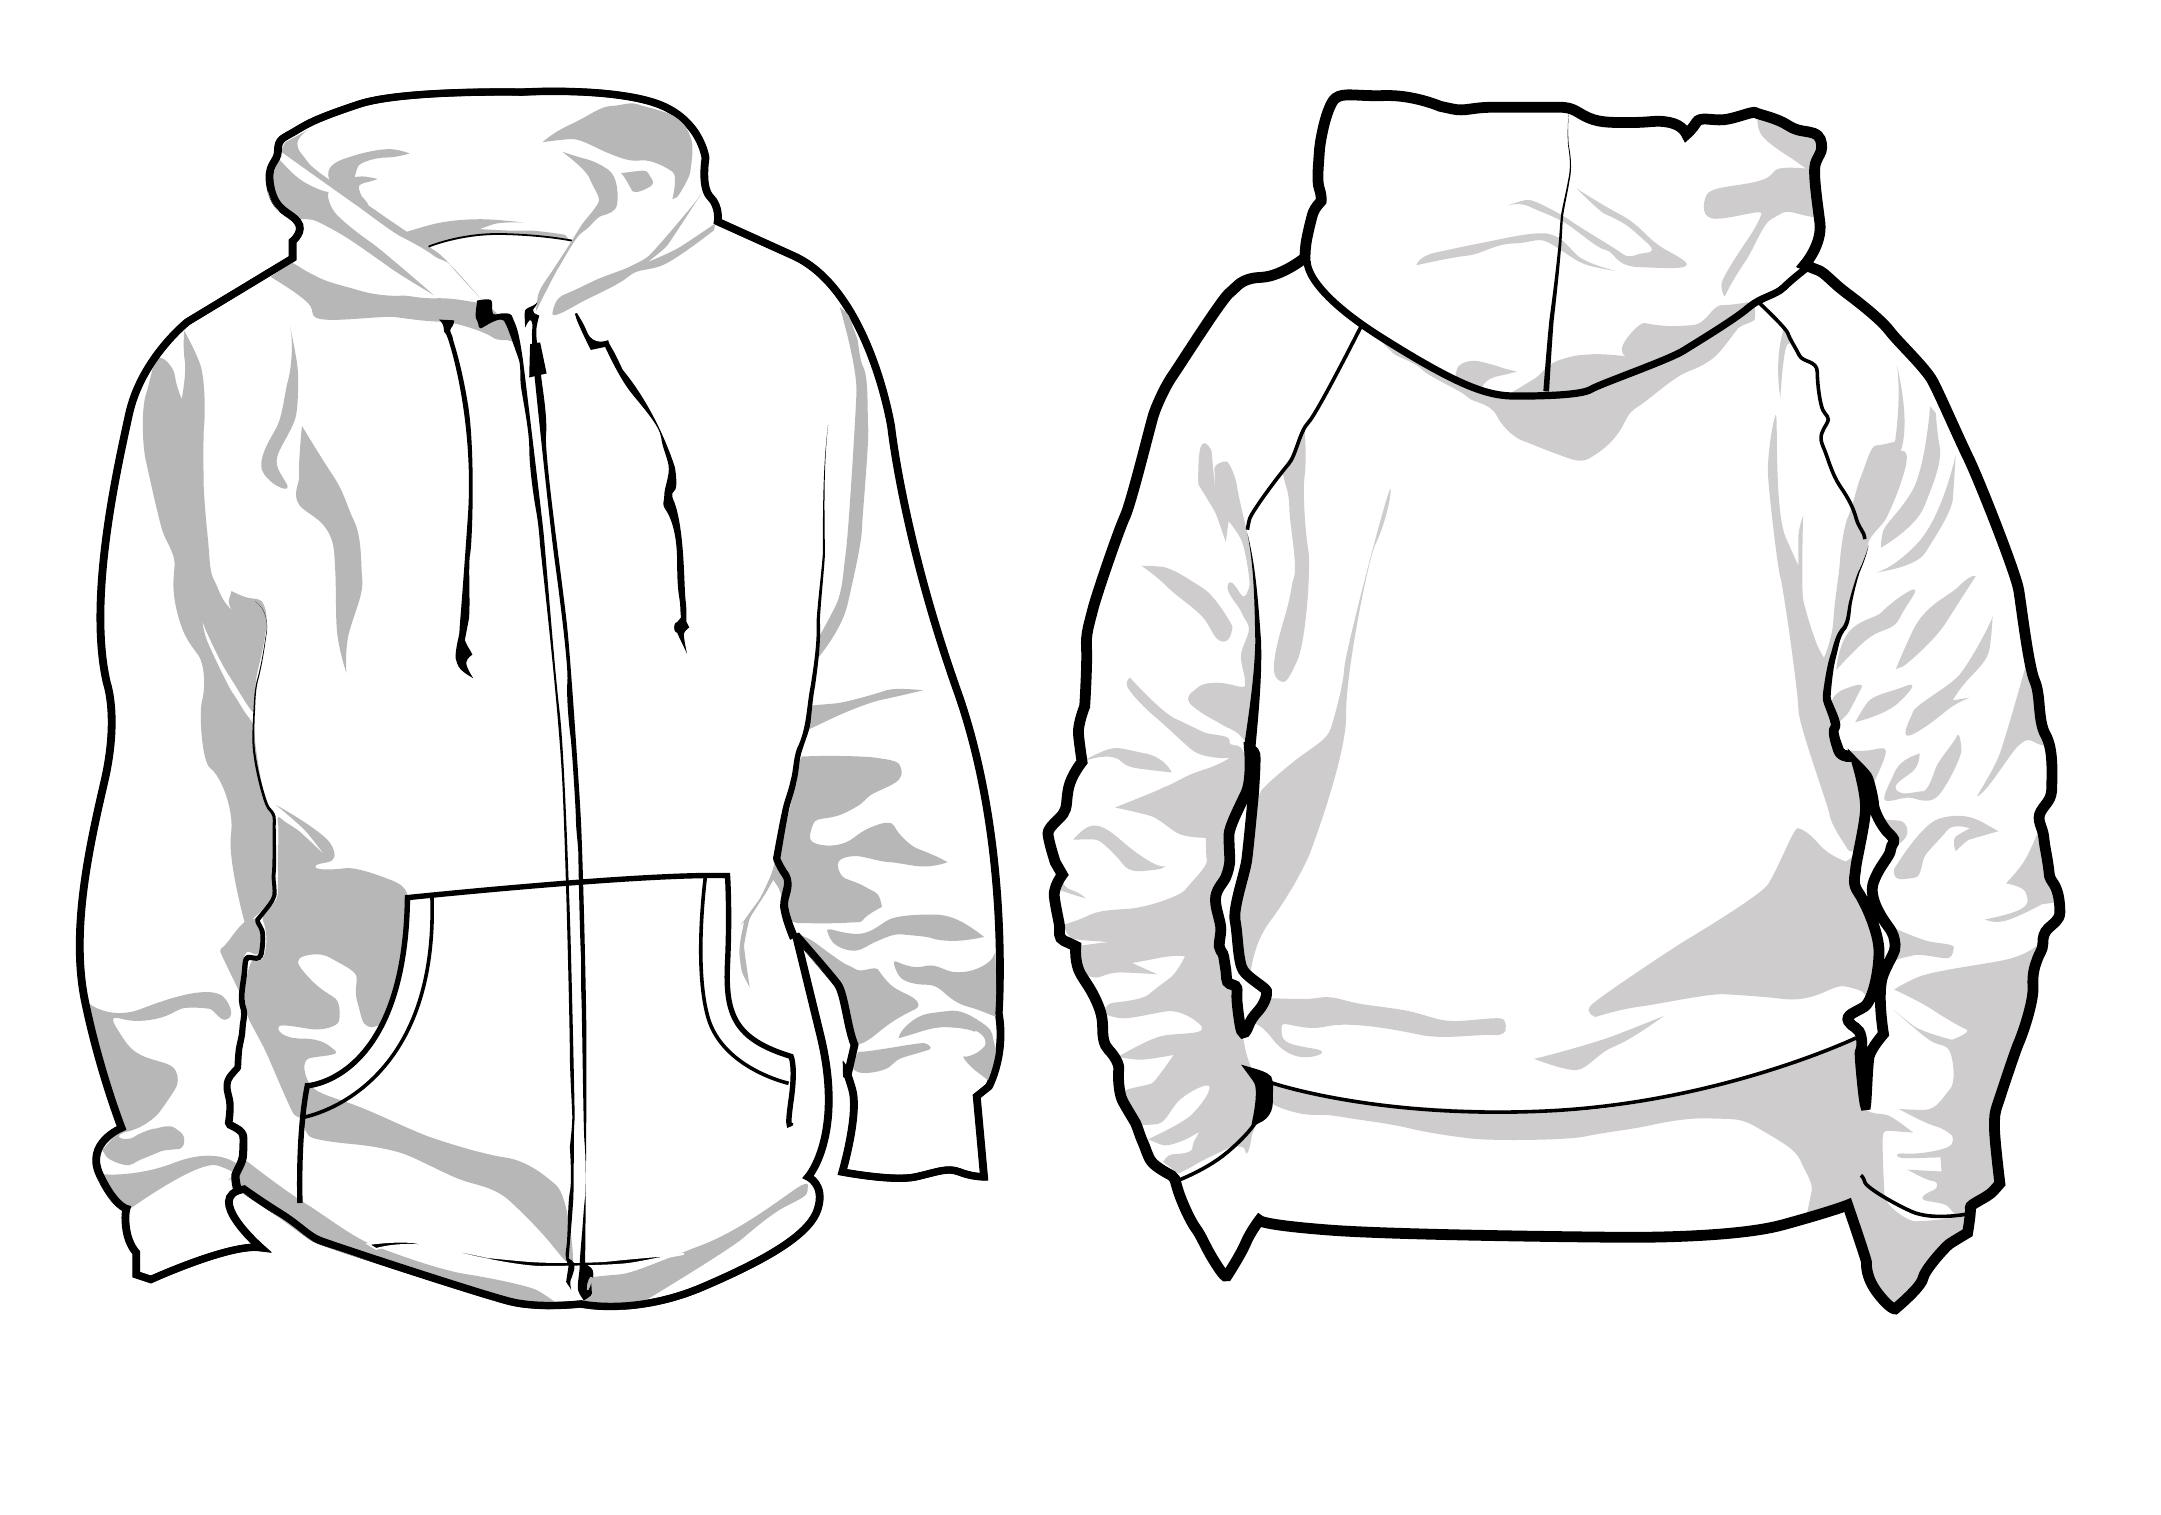 Hoodie Def [A hoodie (also called a hooded sweatshirt or